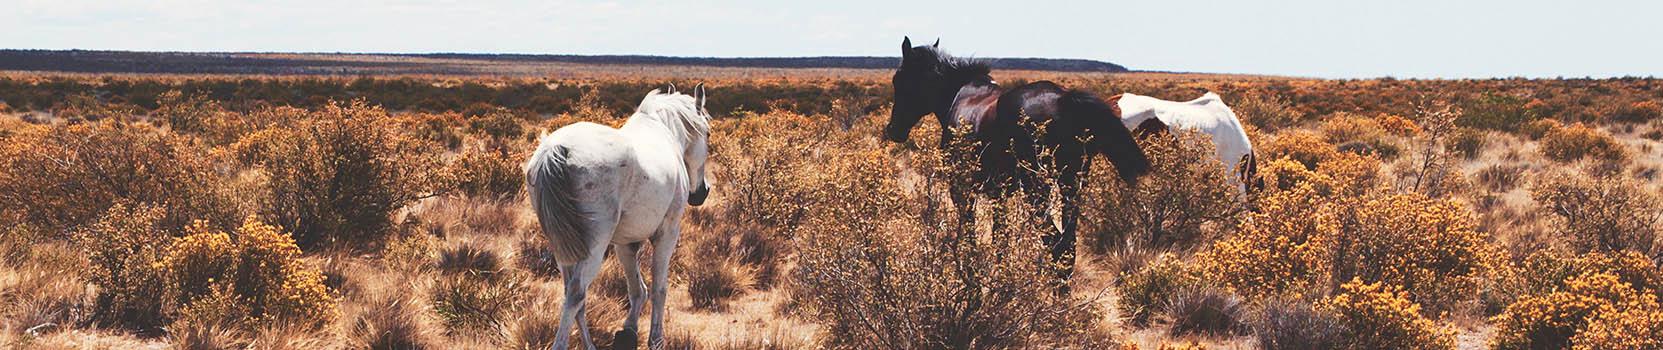 Pferde in der argentinischen Pampa